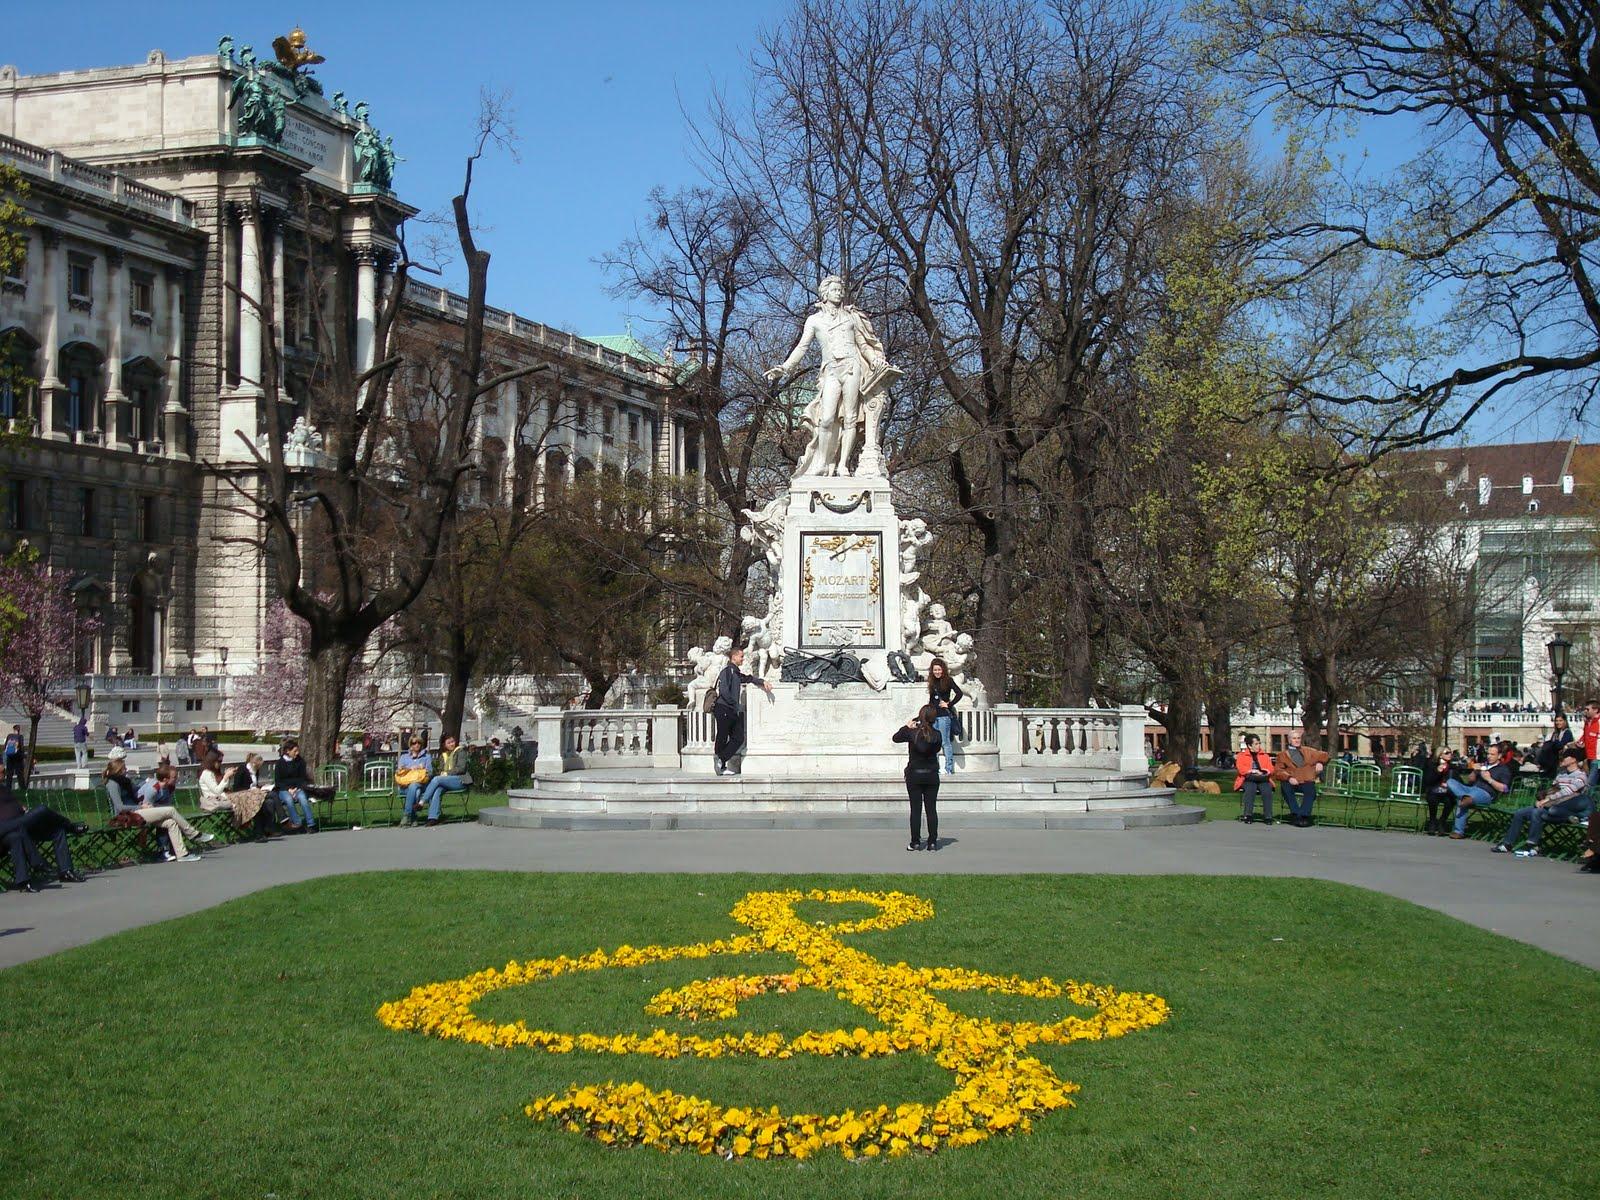 http://4.bp.blogspot.com/_LBqZHUmd5DE/S8DC6RwAIjI/AAAAAAAAAaY/hz8TlG7nYCg/s1600/Vienna2010_0403CF.JPG